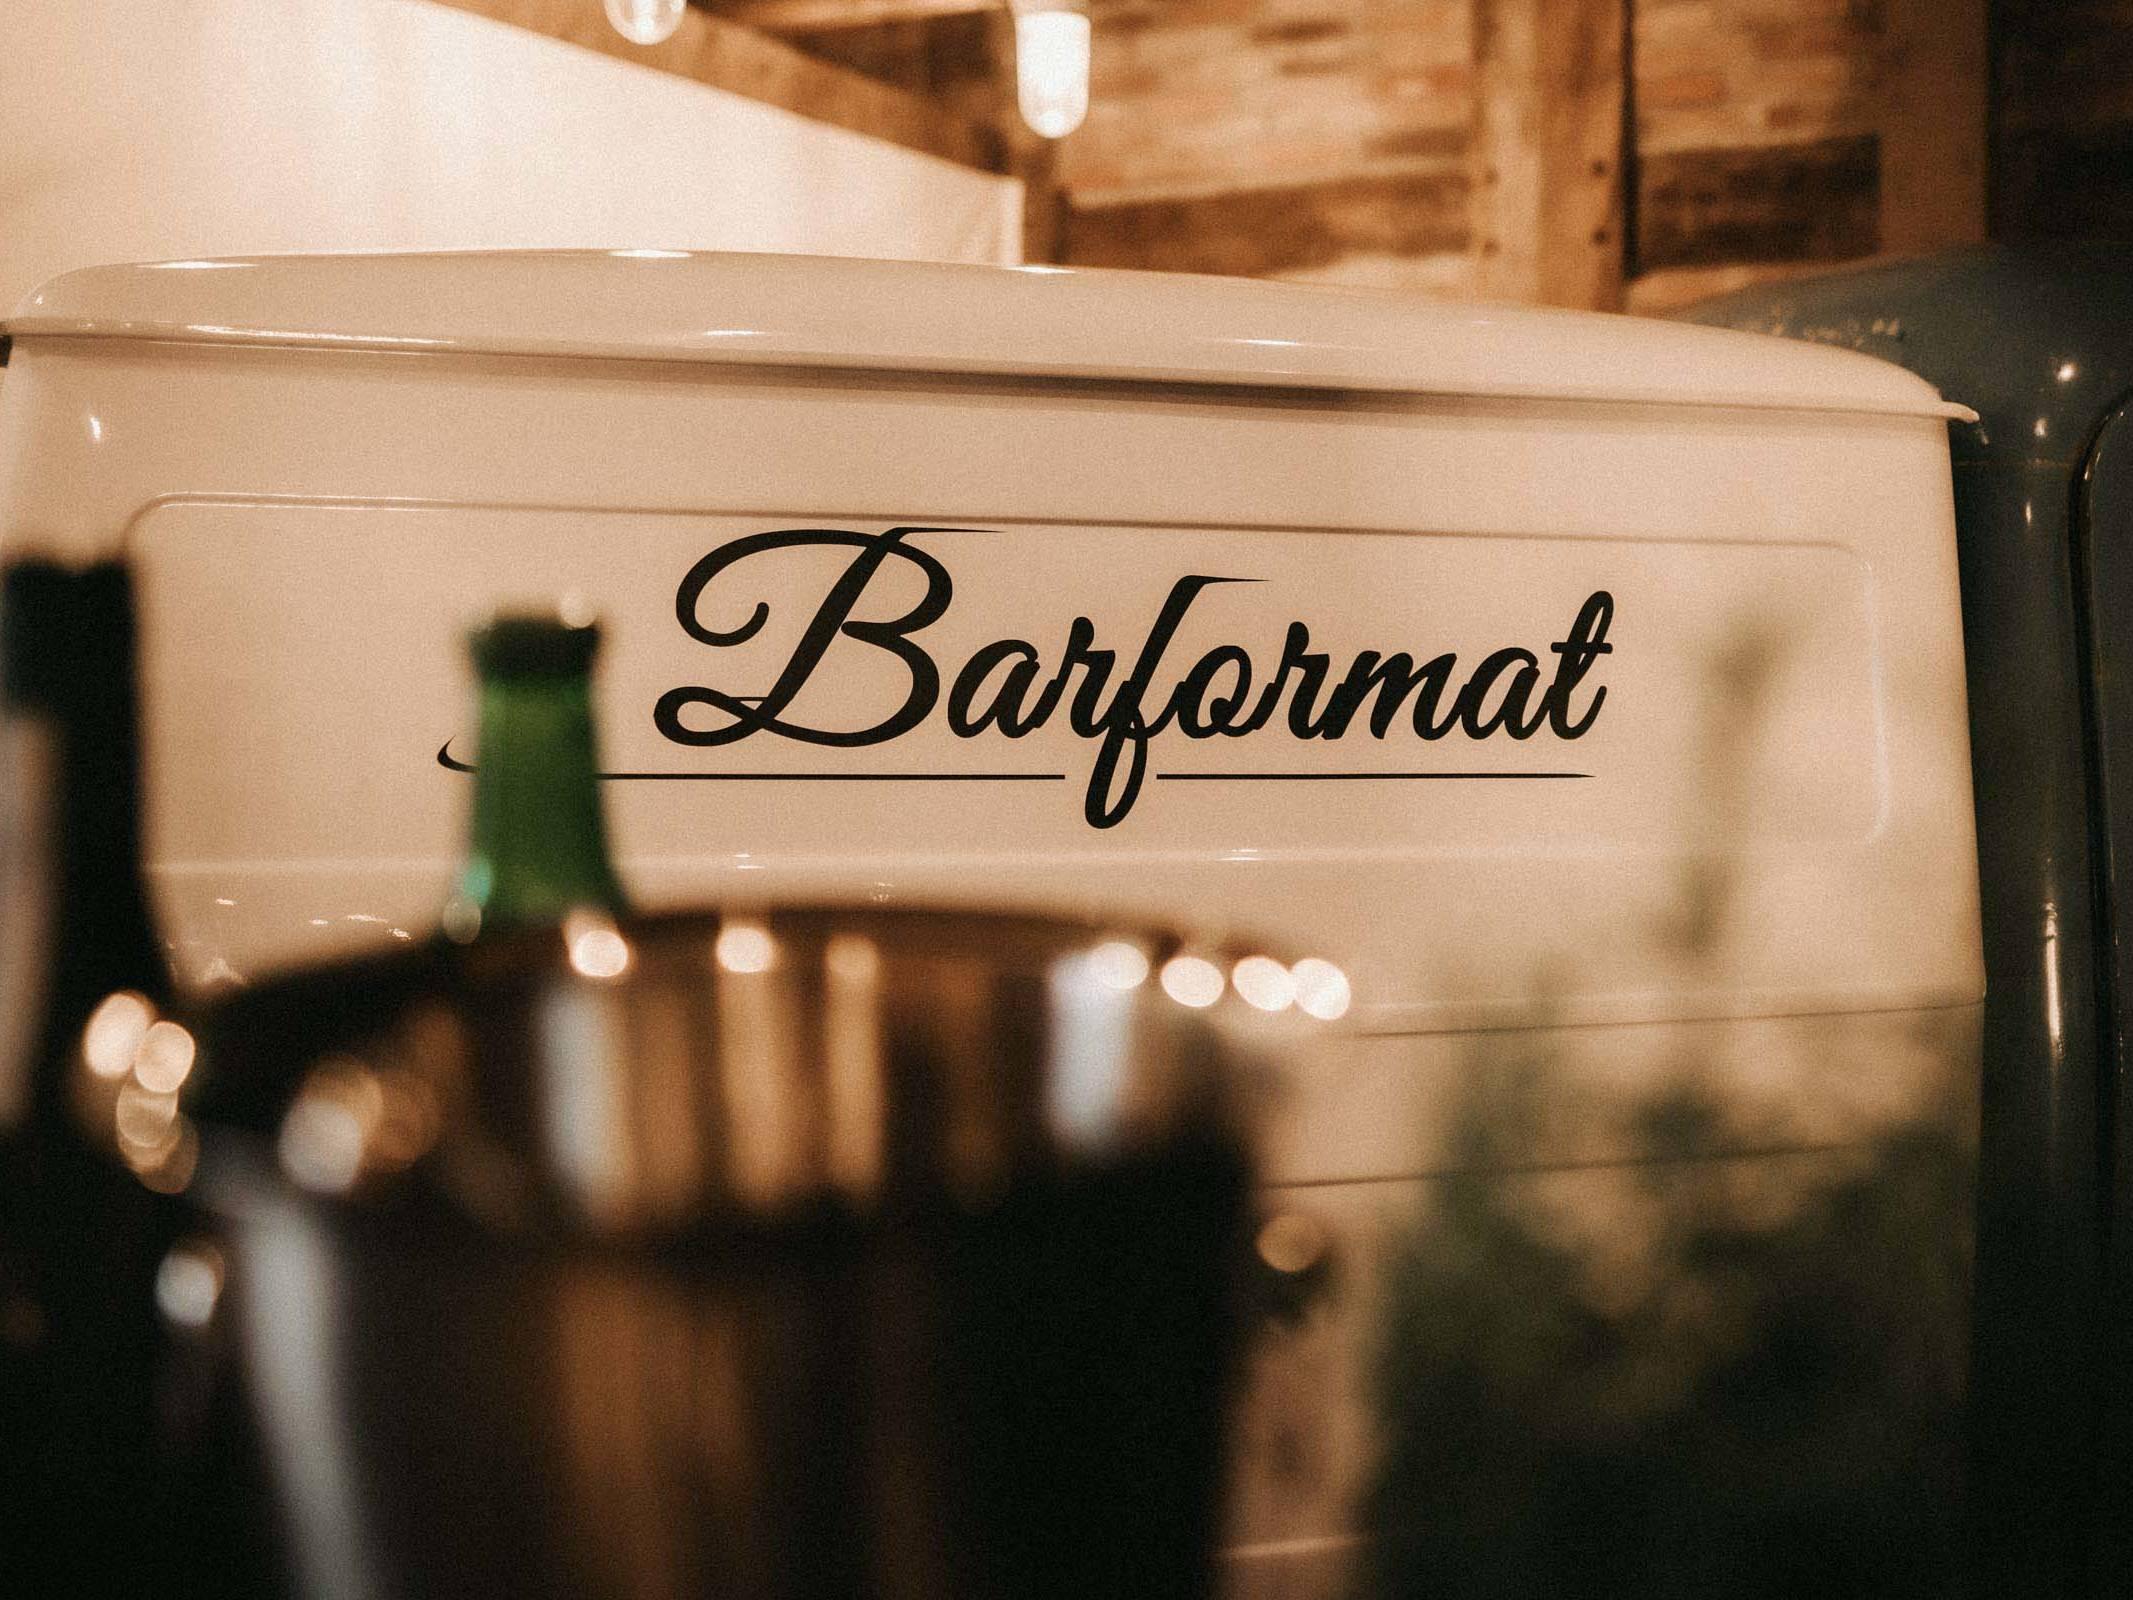 Hamburgfeiert   Mobile   Bar   Hannover   Höxter   Bielefeld   Braunschweig   Cocktailbar   Sektempfang   Bulli   Bar   Hochzeit   Cocktailservice   Standesamt   Barkeeper   Messen   Firmenfeiern   Catering   Food   Truck